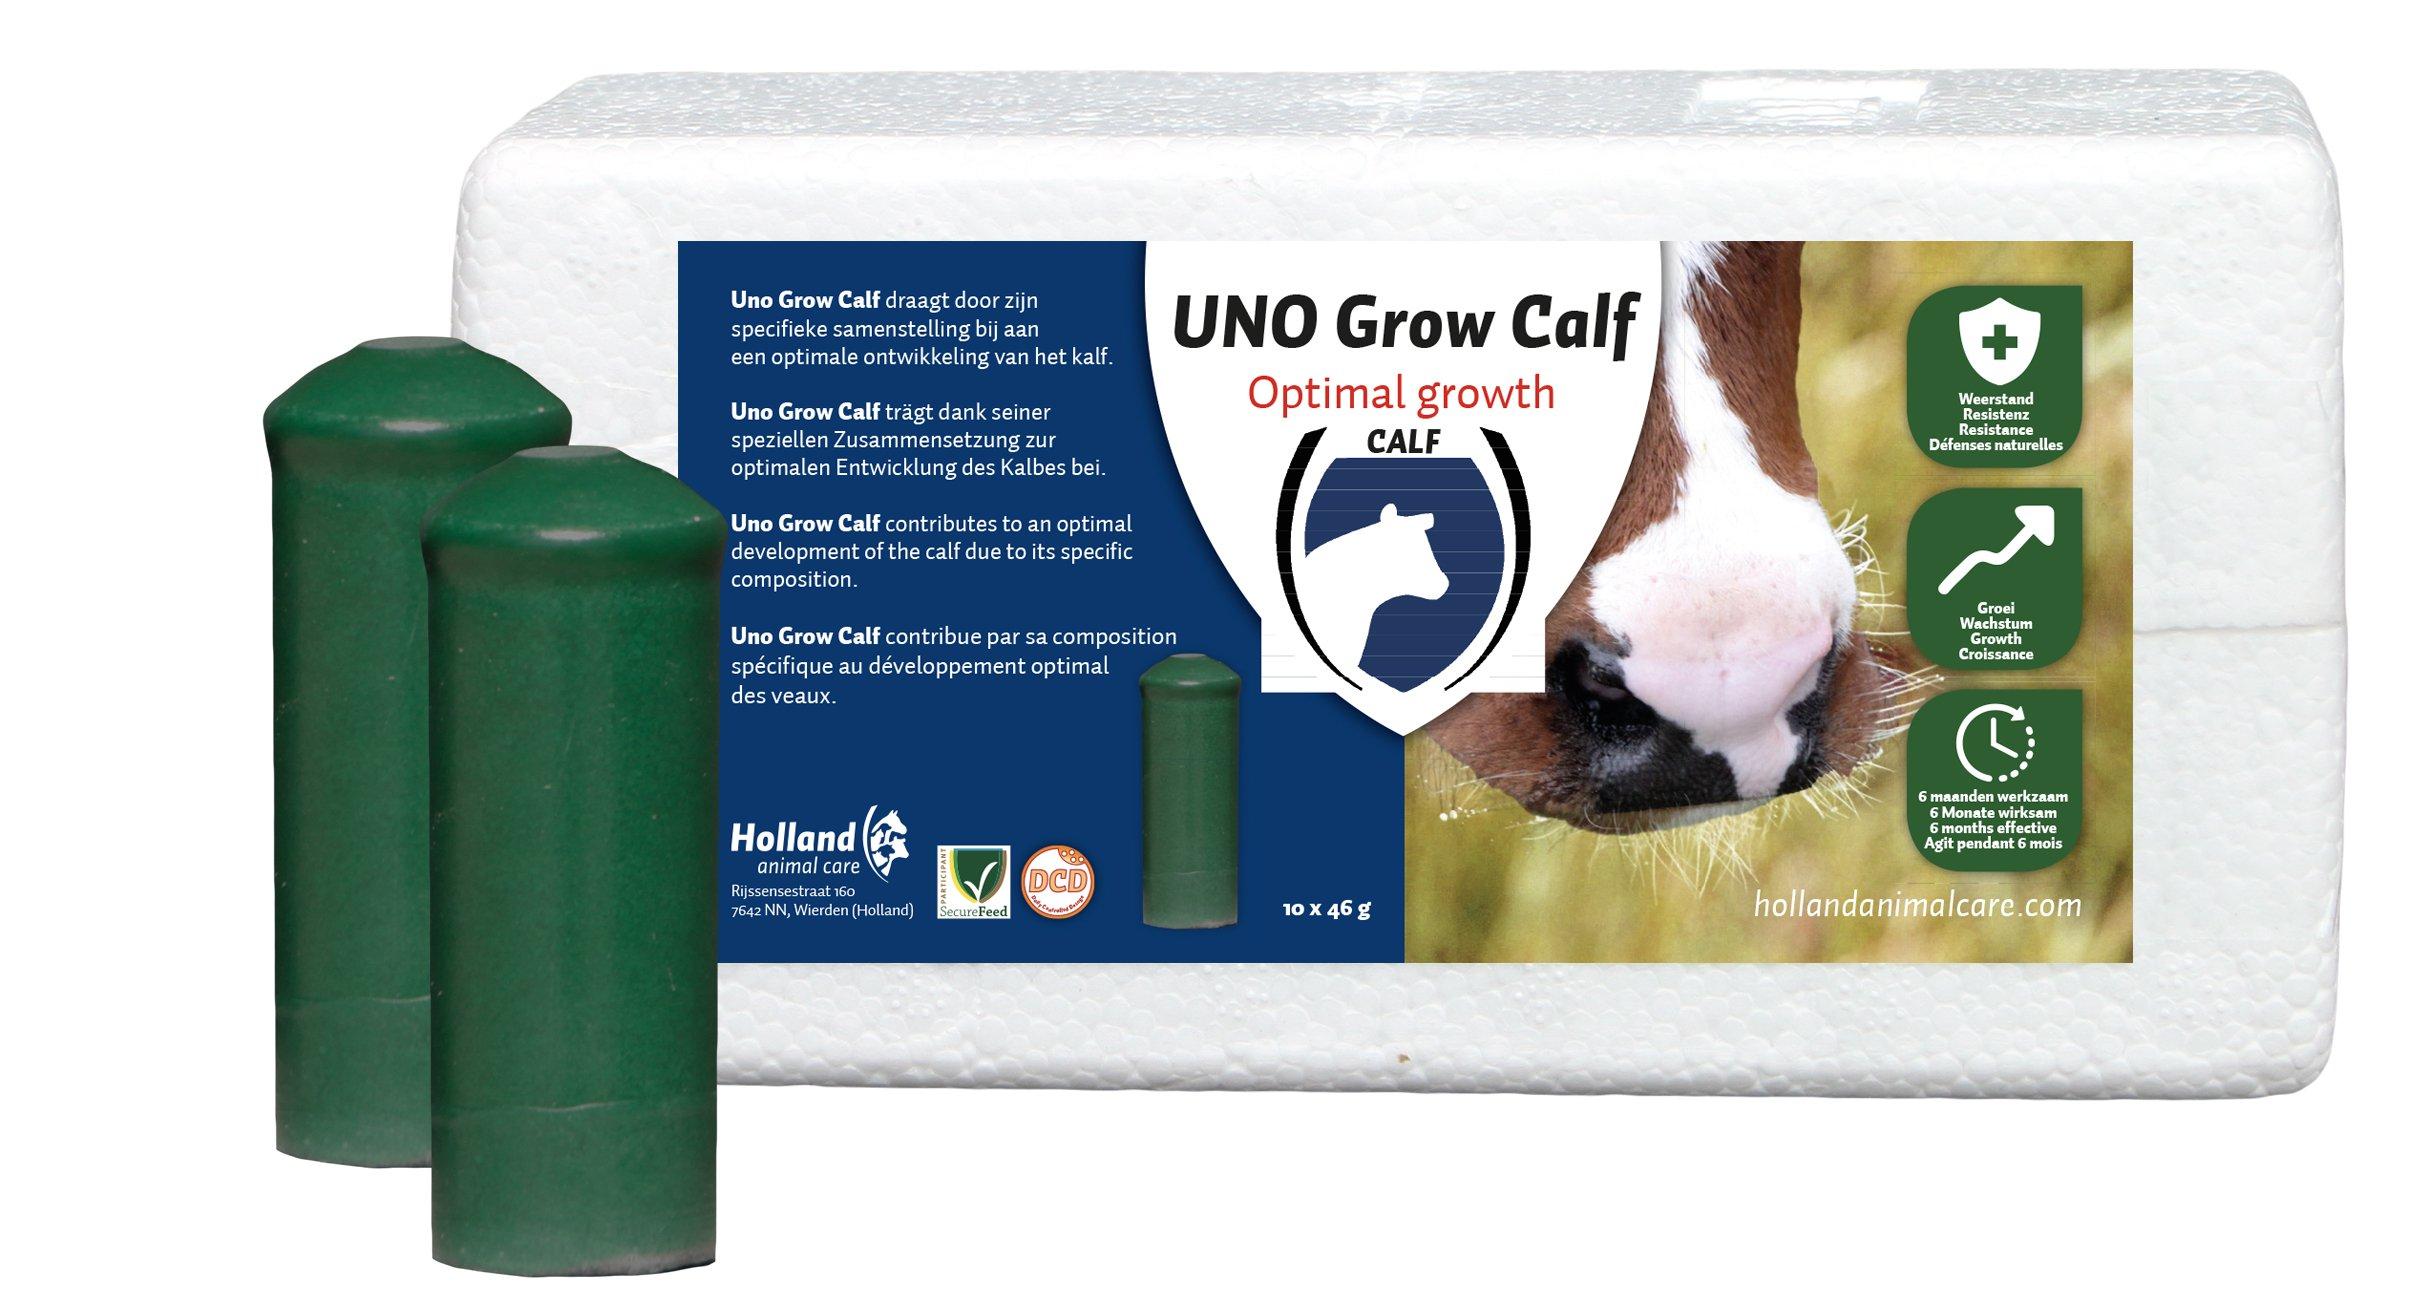 UNO Grow Calf